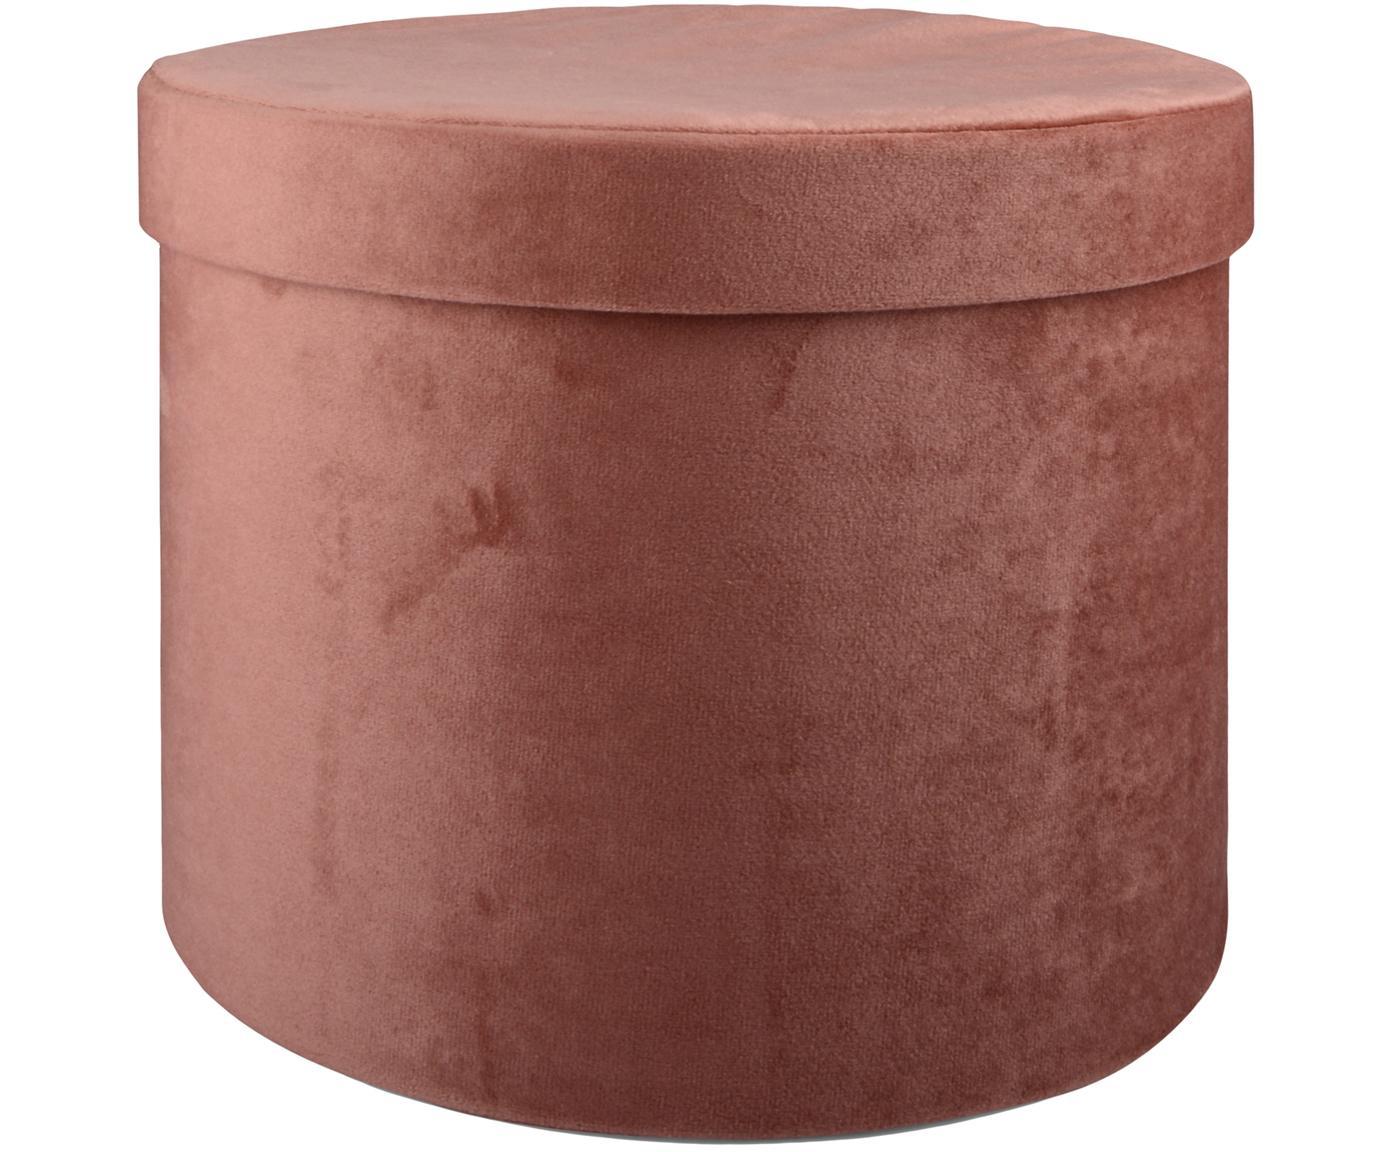 Pudełko na prezenty z aksamitu Ivetta, 2 szt., Aksamit, Różowy, Ø 29 x W 22 cm